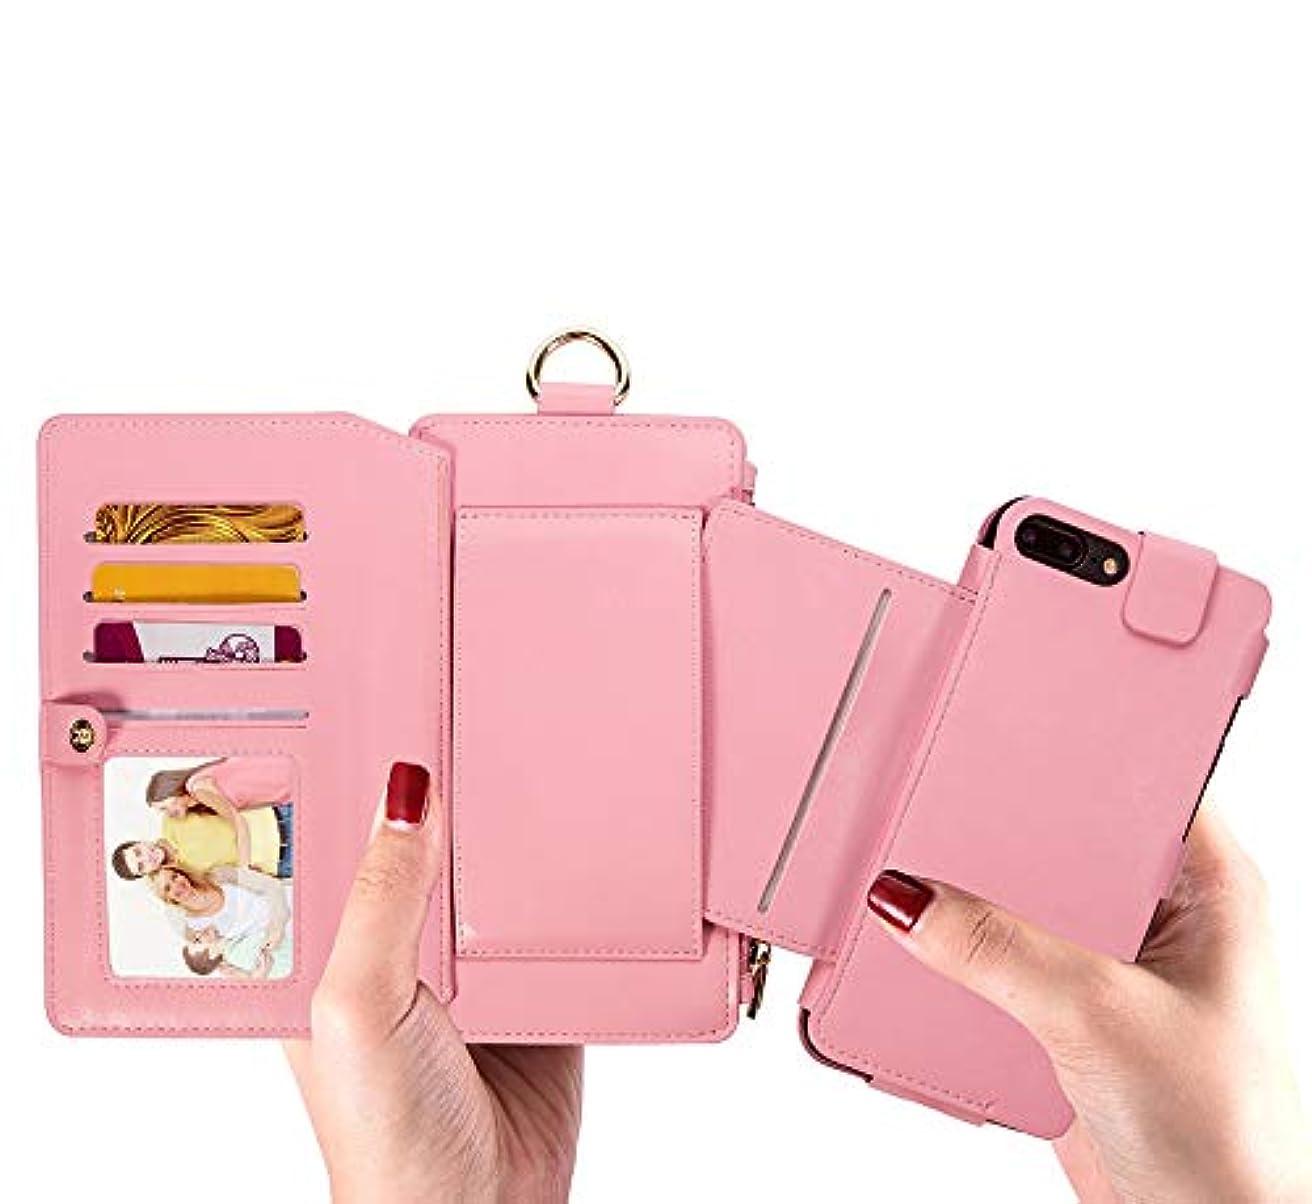 計り知れないランプ列車iPhone 7 パソコンExit包保護套 - 折りたたみ保護袖 - 立ちブラケット-ビジネススタイル-全身保護-内殻金属リング-12札入れ-相枠-取り外し可能な電話ケース財布 4.7インチiPhone 7 / iPhone...